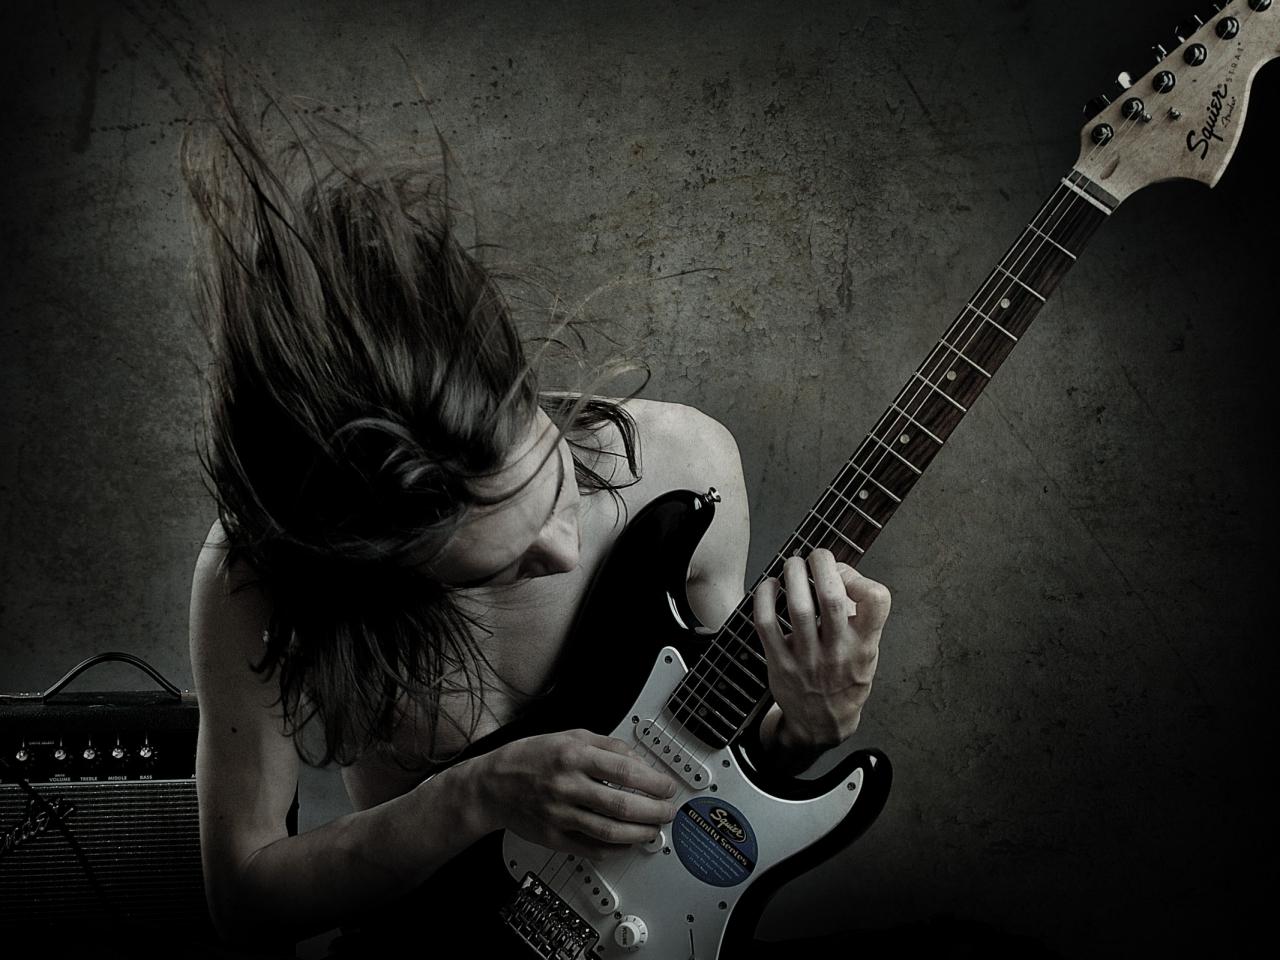 Un guitarrista con una Squier - 1280x960